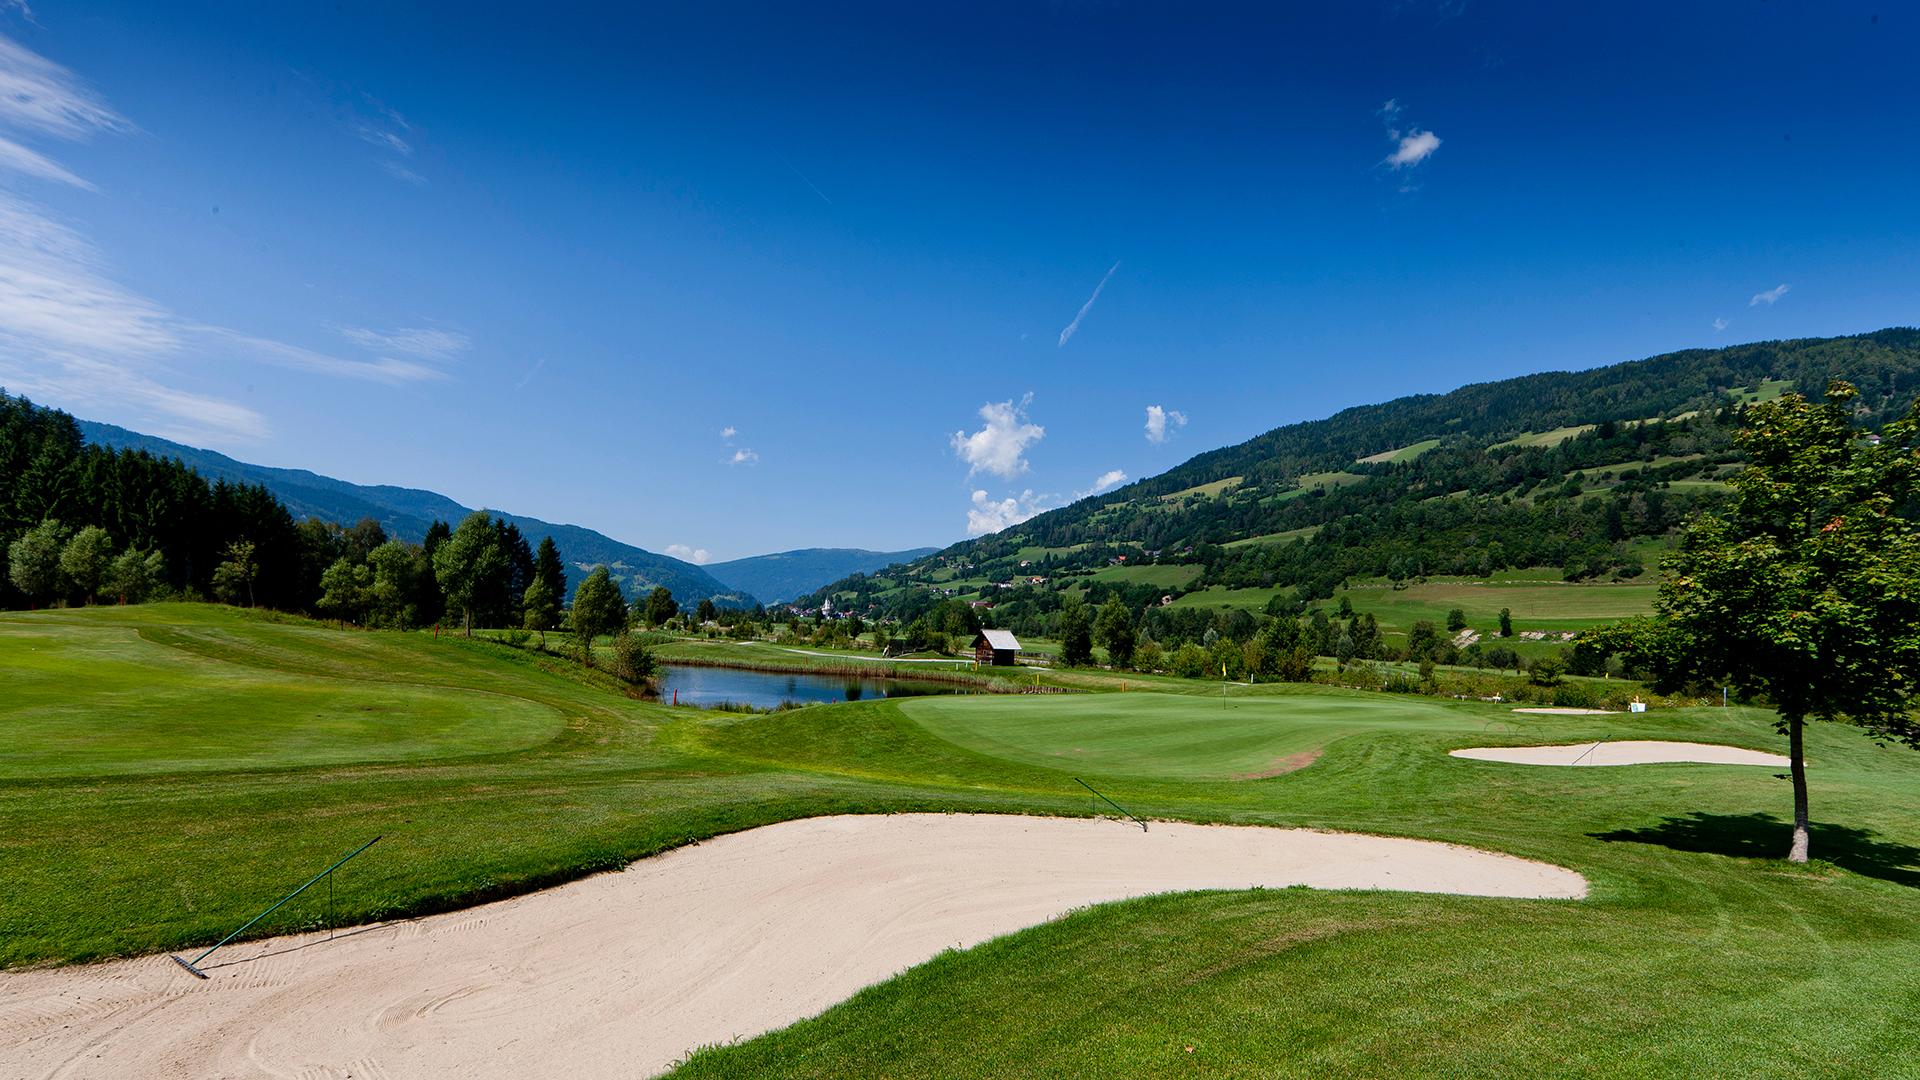 Golfplätze warten auf die Gäste